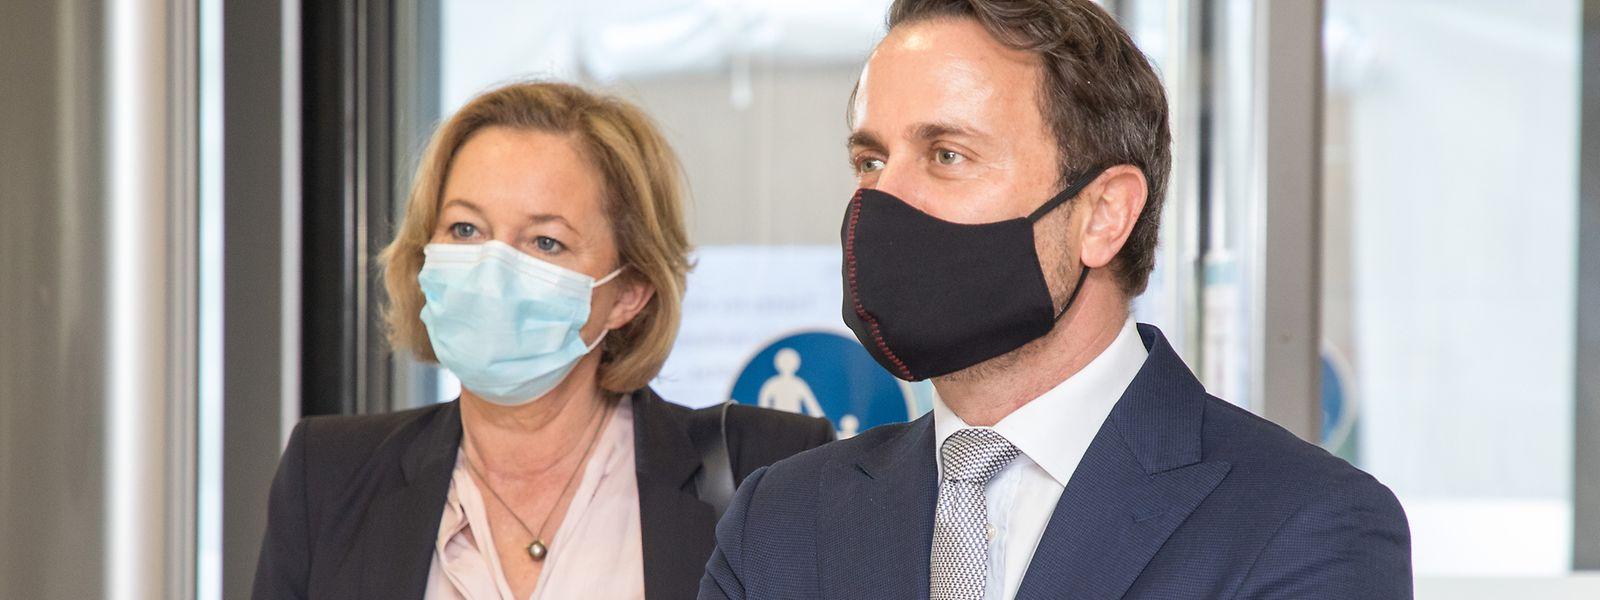 Le duo Lenert-Bettel va certainement plus annoncer des retouches que de grands bouleversements dans la gestion de la crise covid.